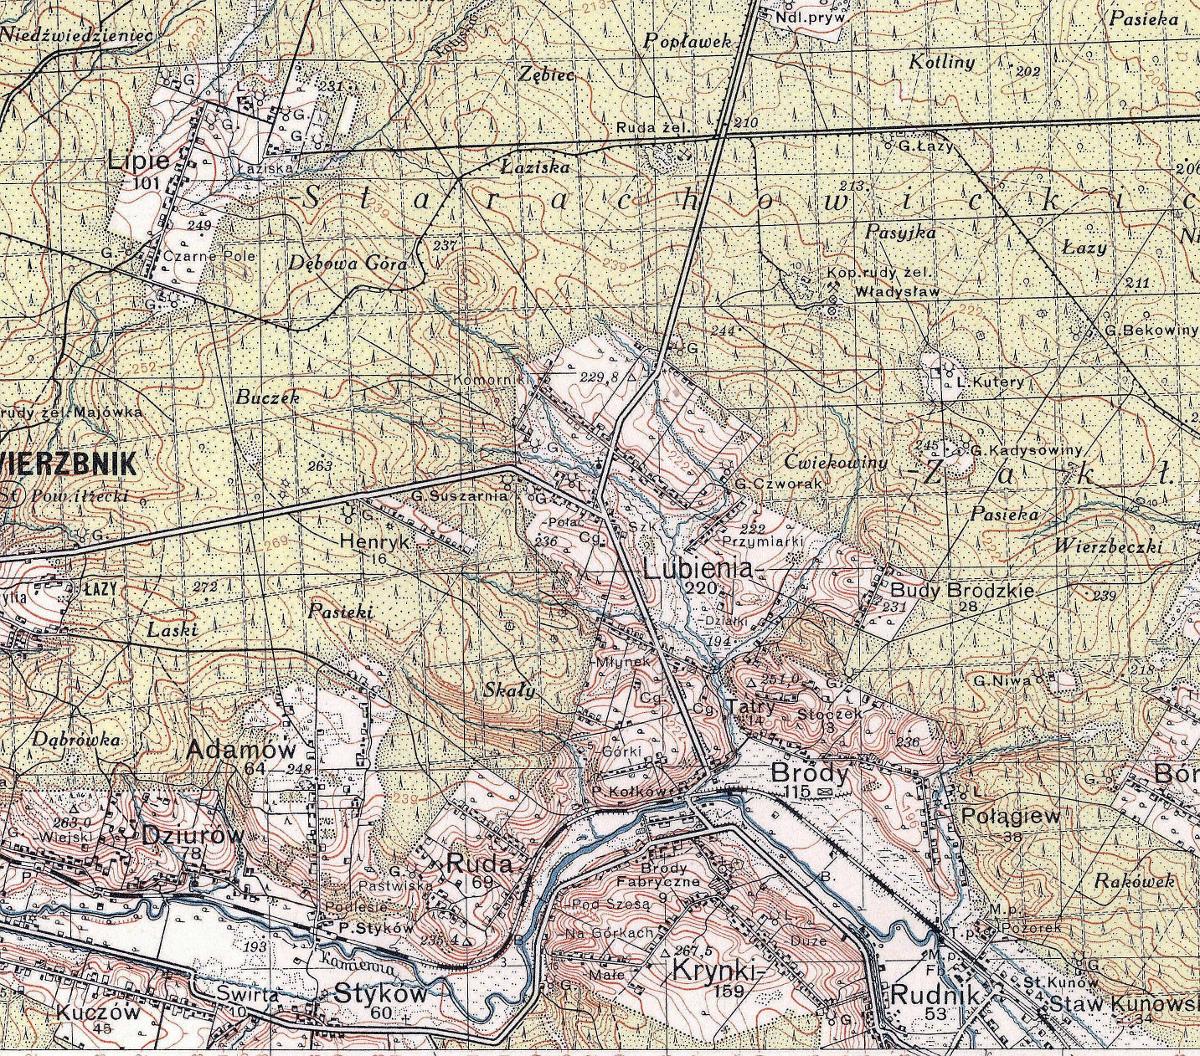 1937-1938-mapa-przedwojenna-historyczna-swietokrzyskie-brody-starachowice-wierzbnik-swietokrzyskie.JPG